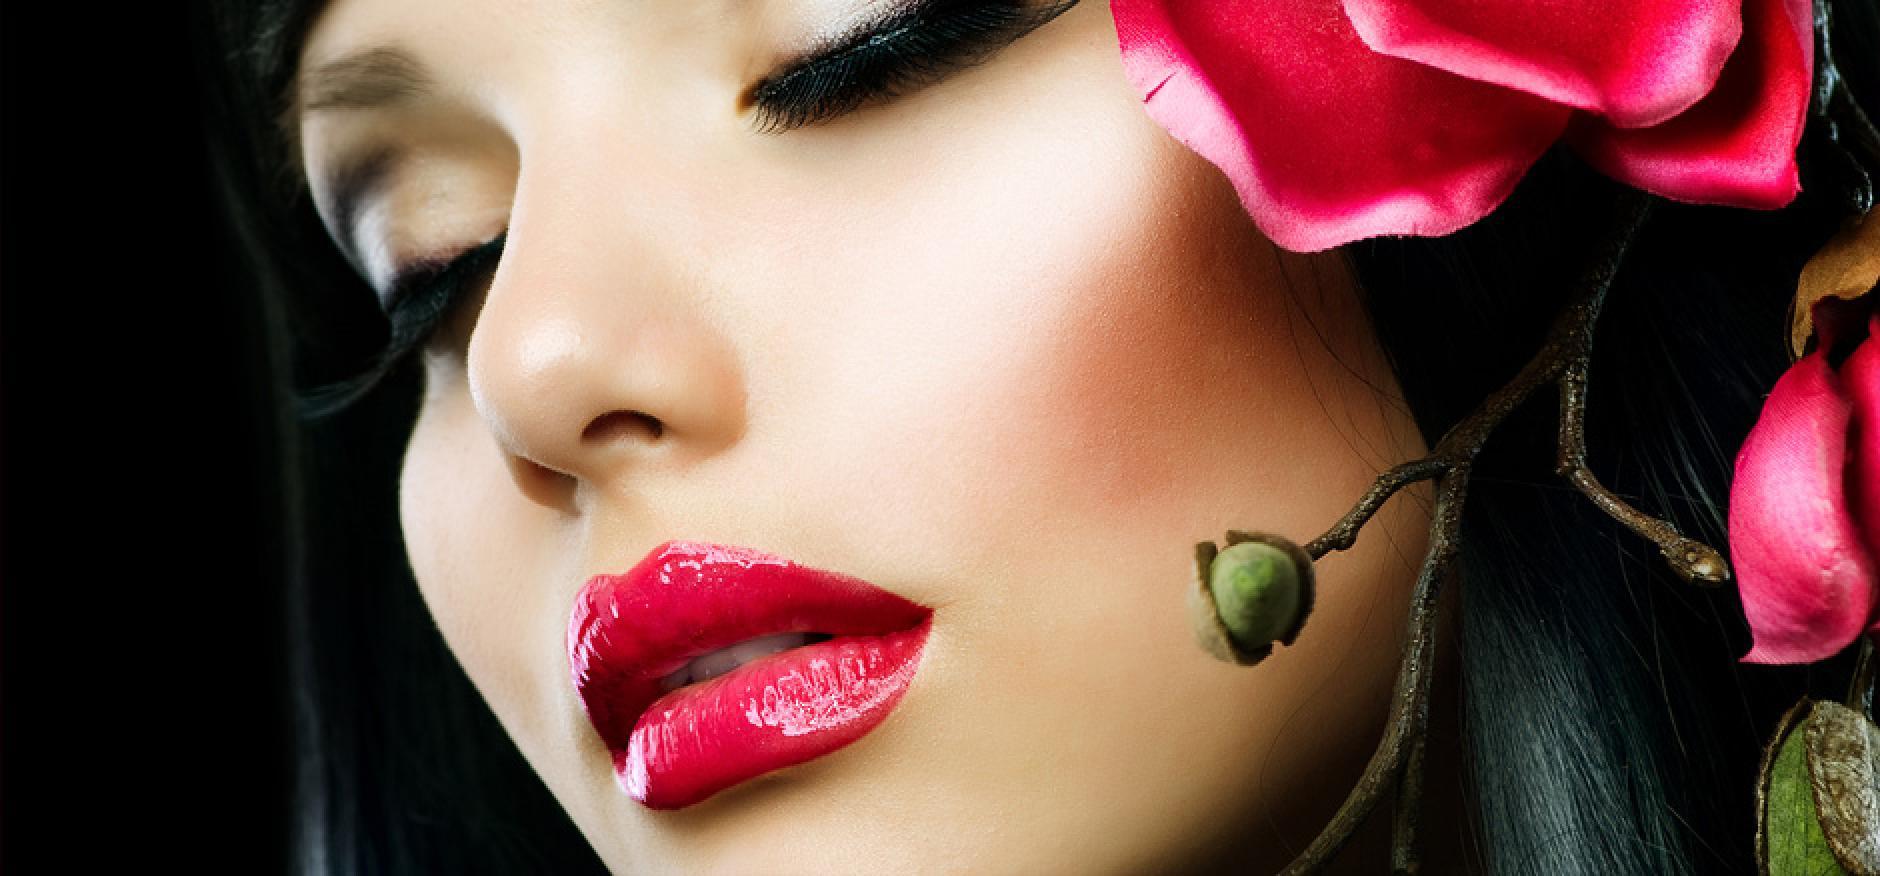 иркутск шелк салон красоты